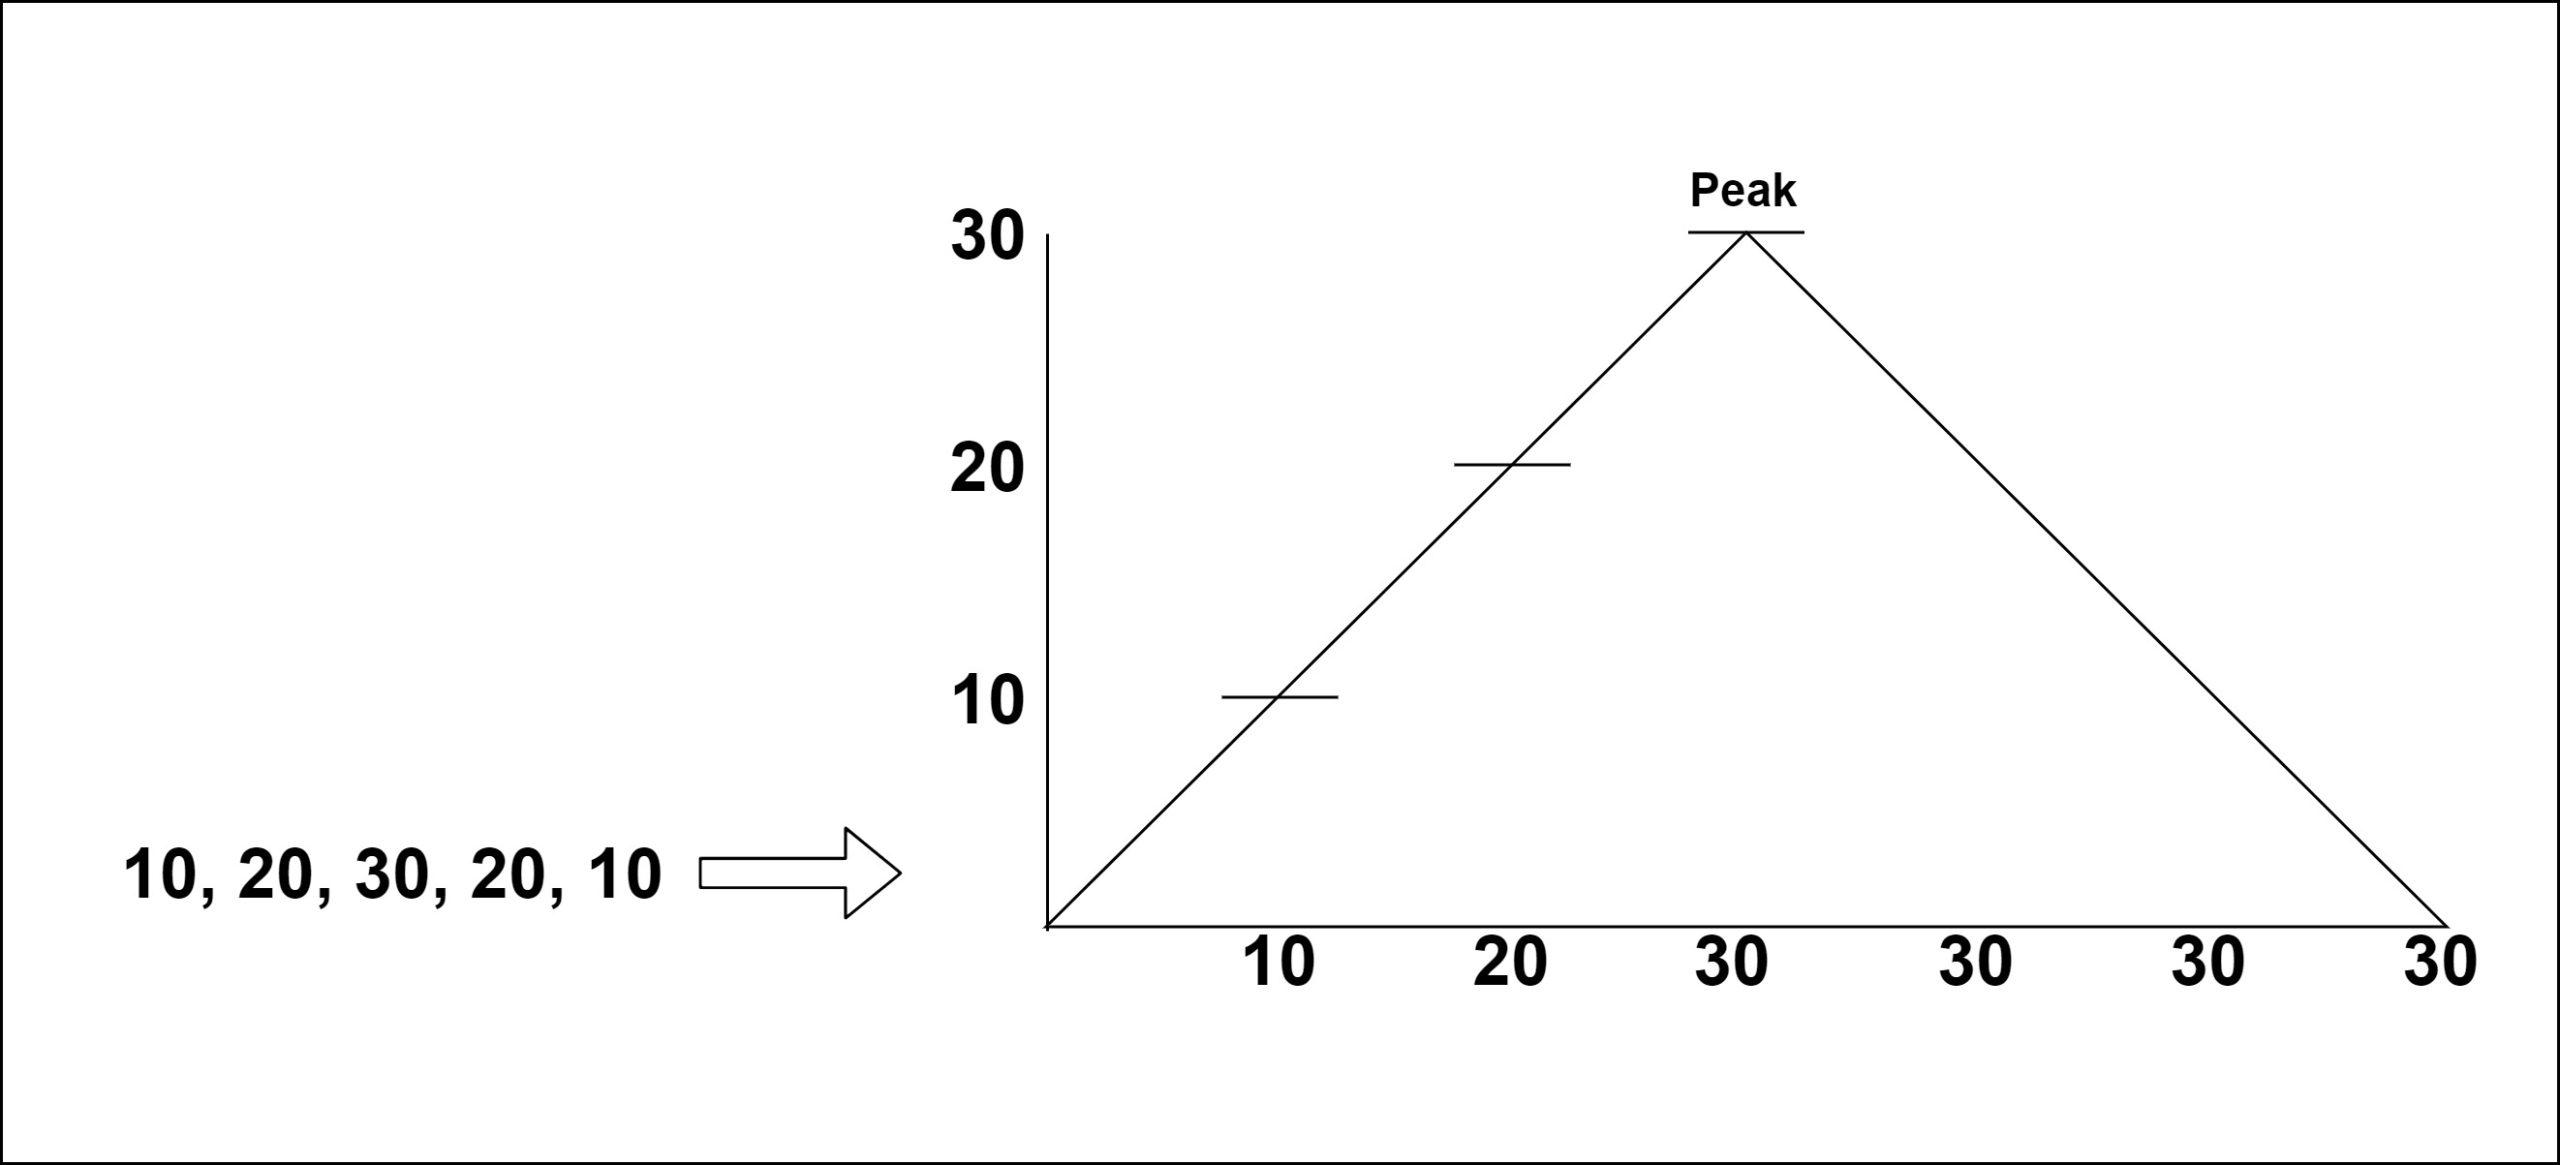 တောင်တန်း Array တွင်အမြင့်ဆုံးအညွှန်းကိန်း